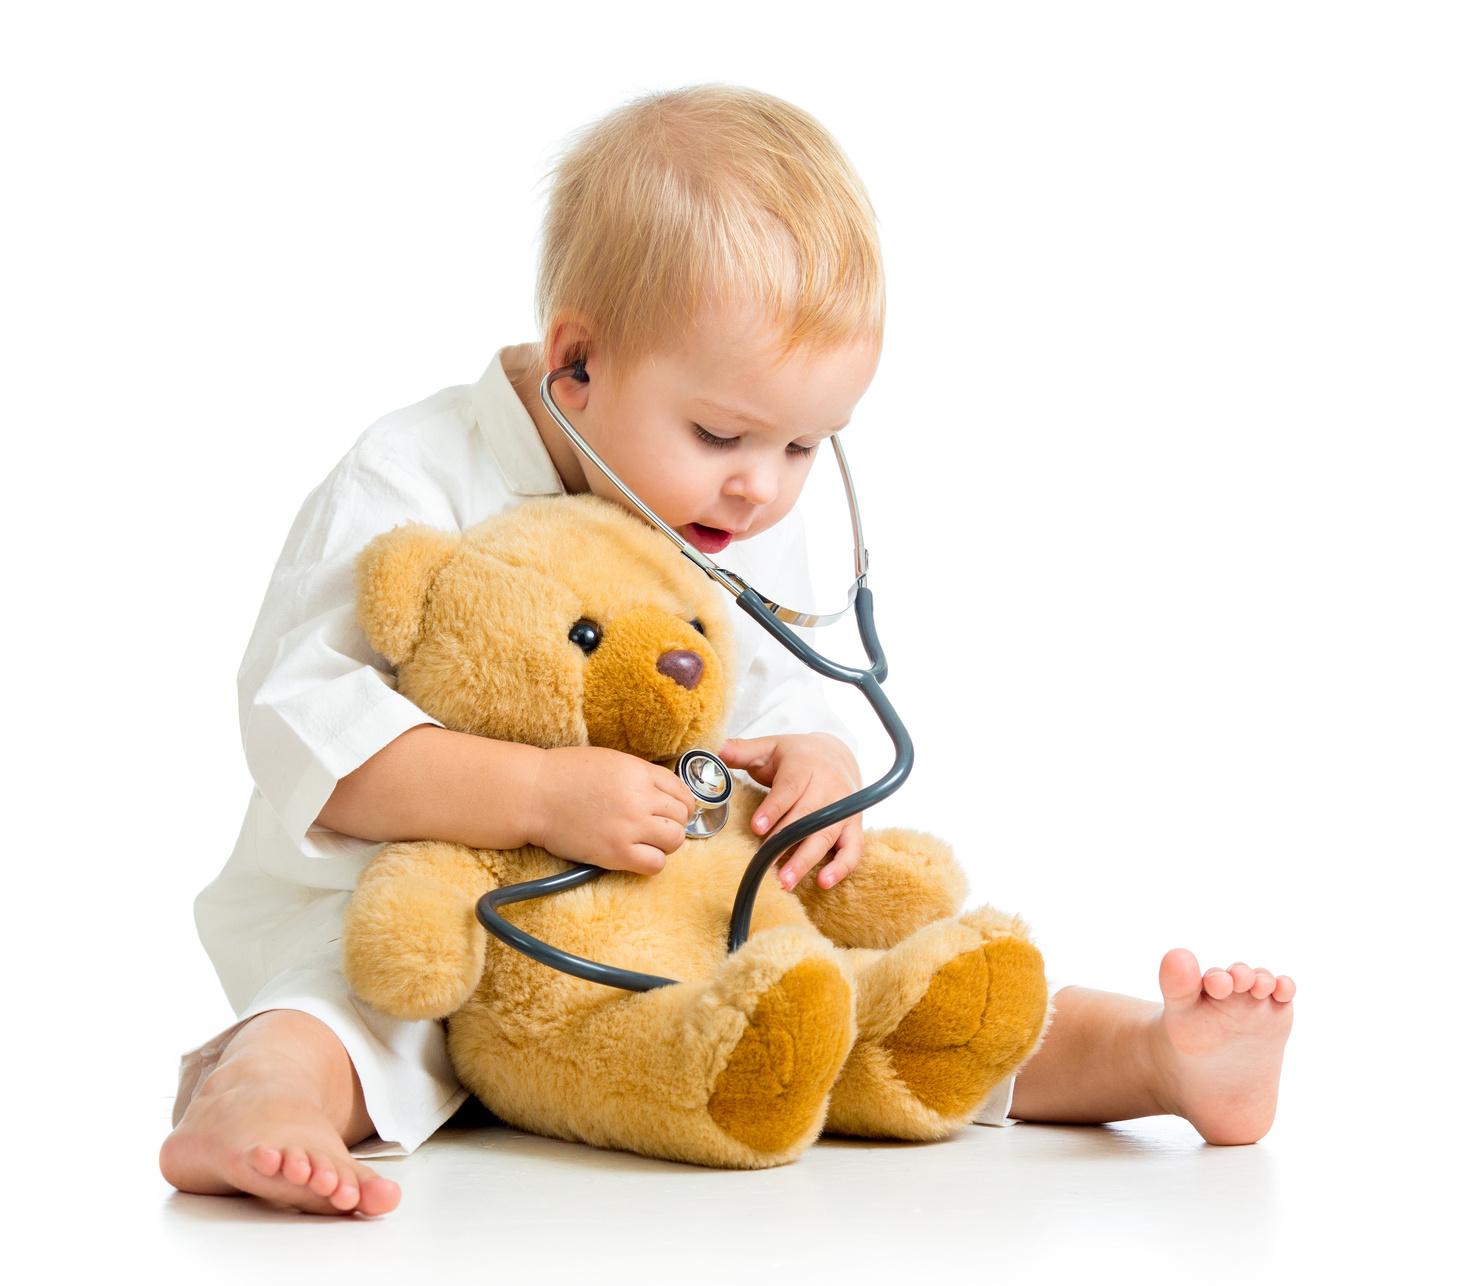 روند سلامت و درمان کودک